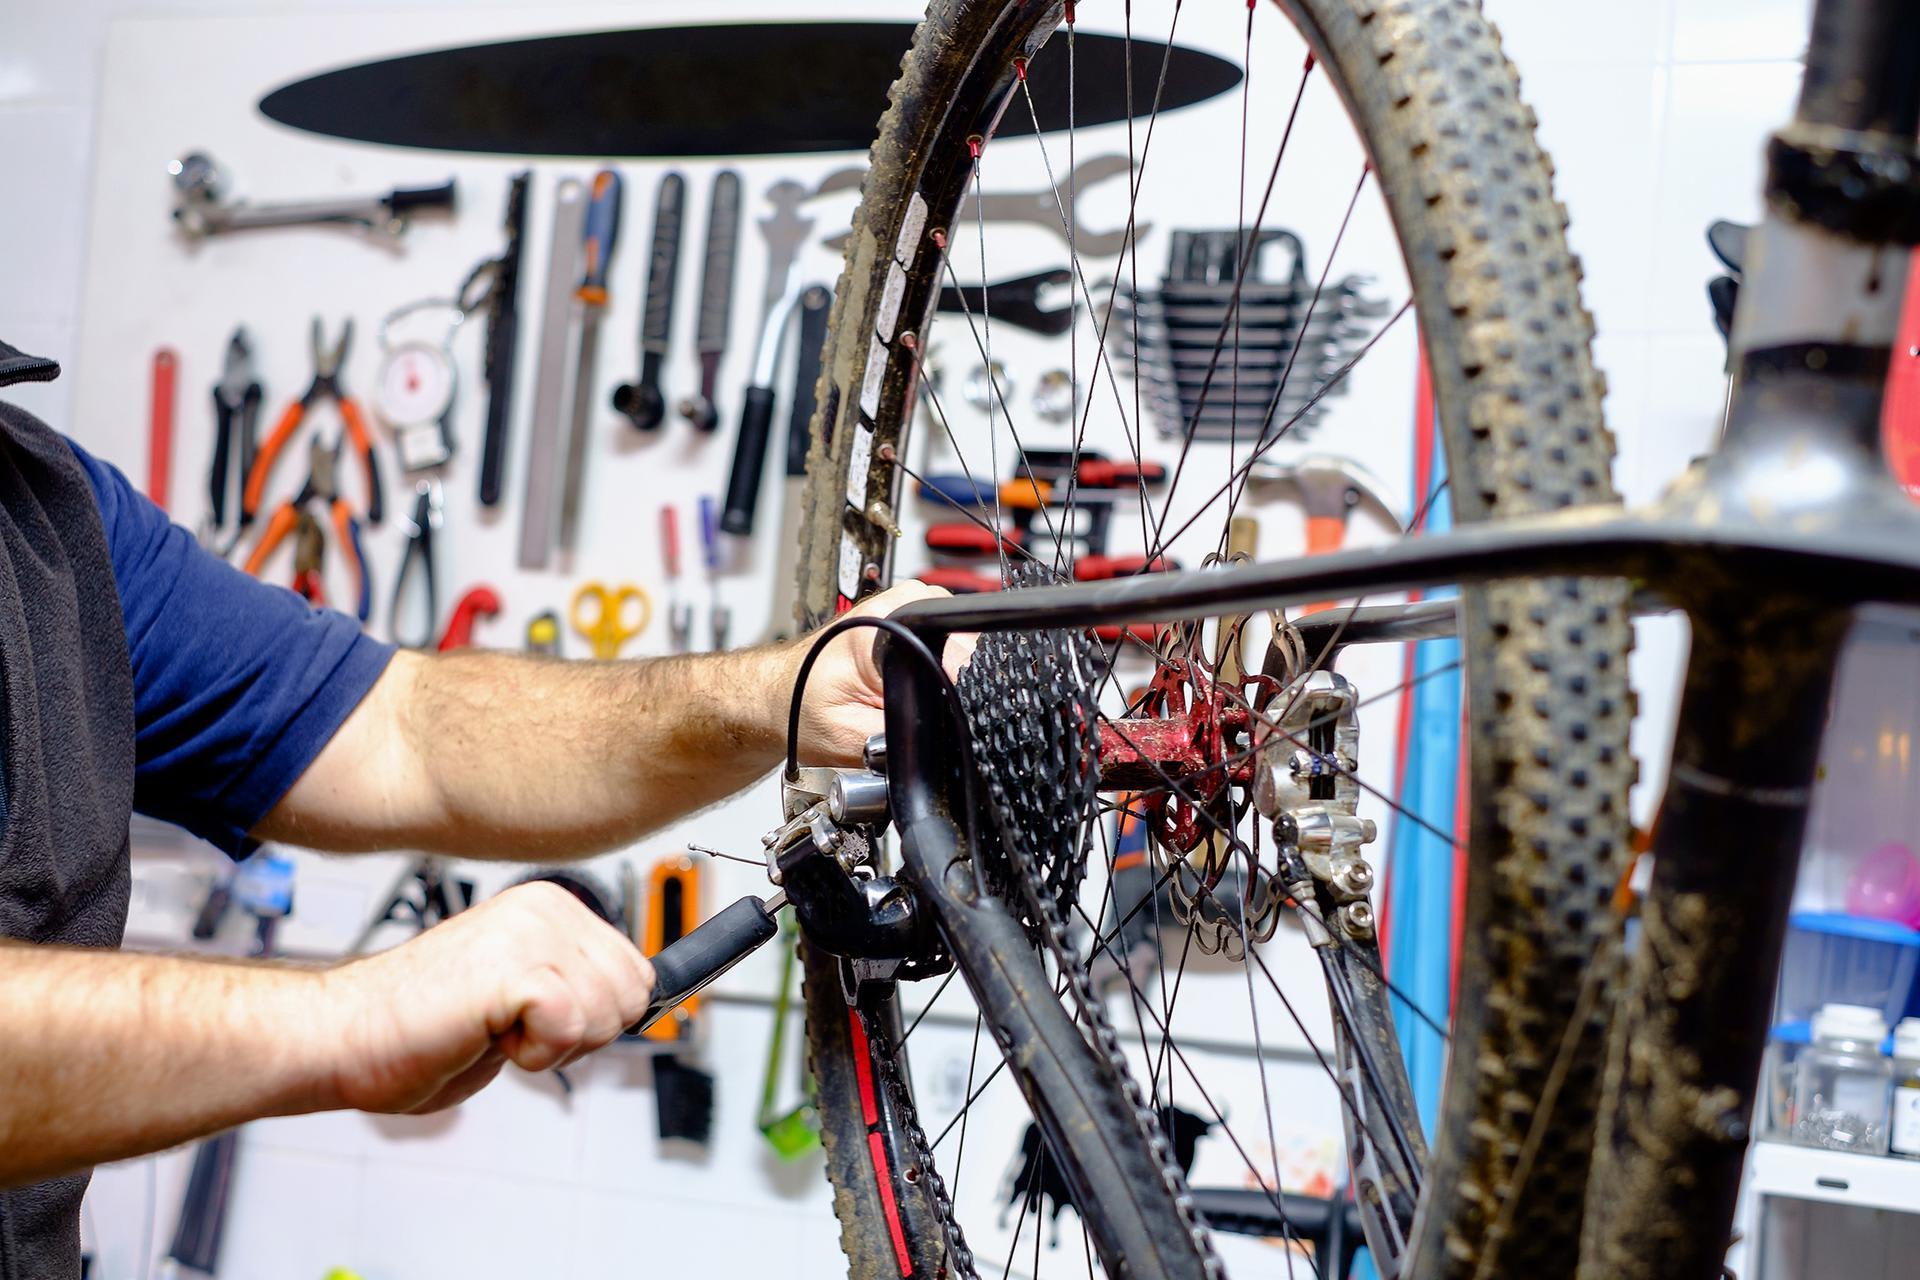 Bicycle Repair Service